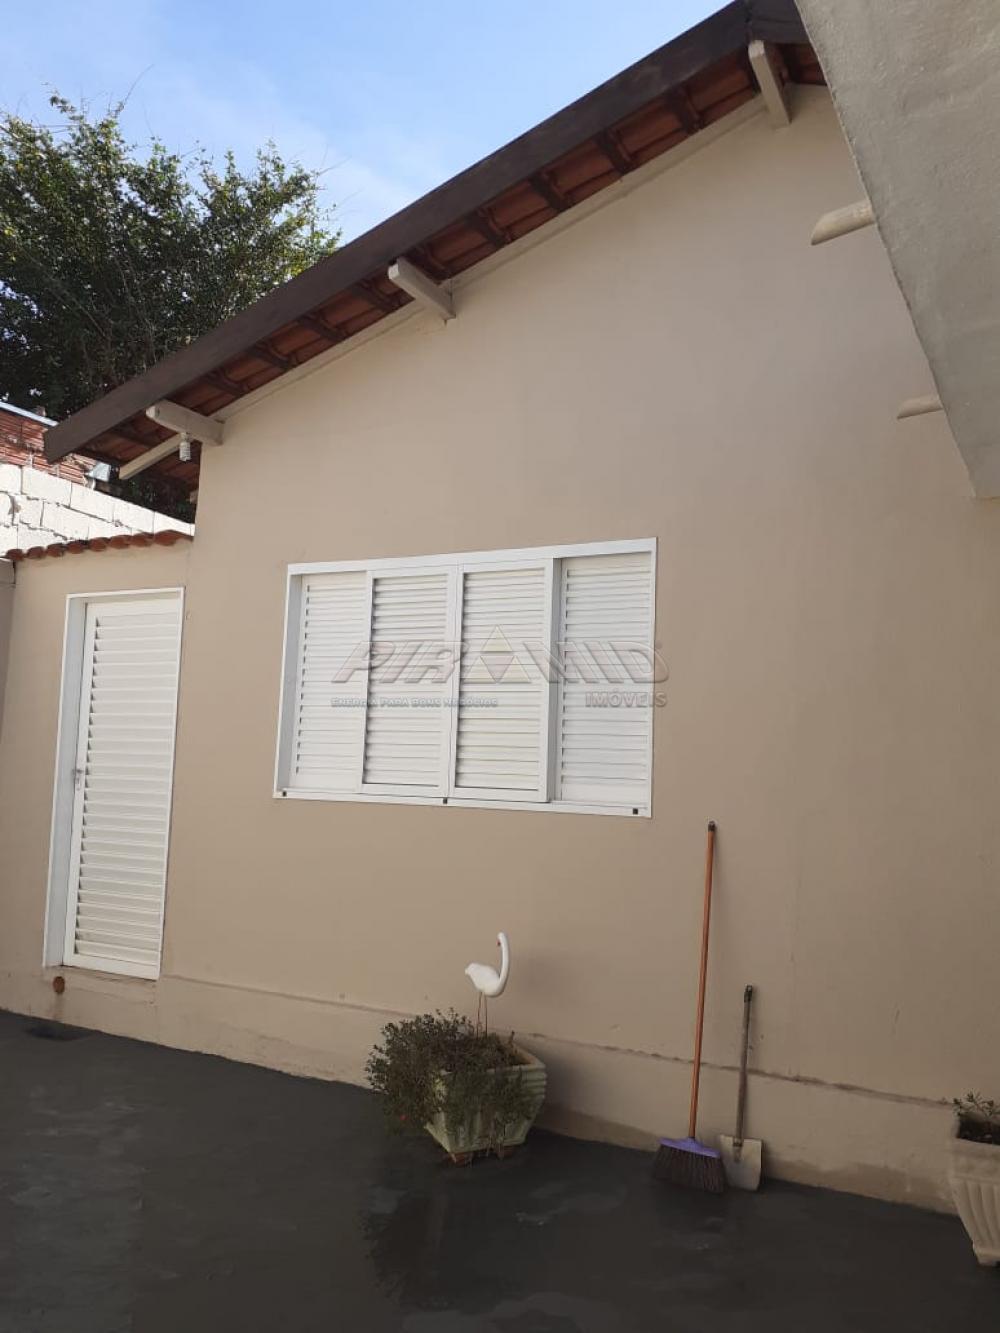 Comprar Casa / Padrão em Ribeirão Preto apenas R$ 315.000,00 - Foto 6